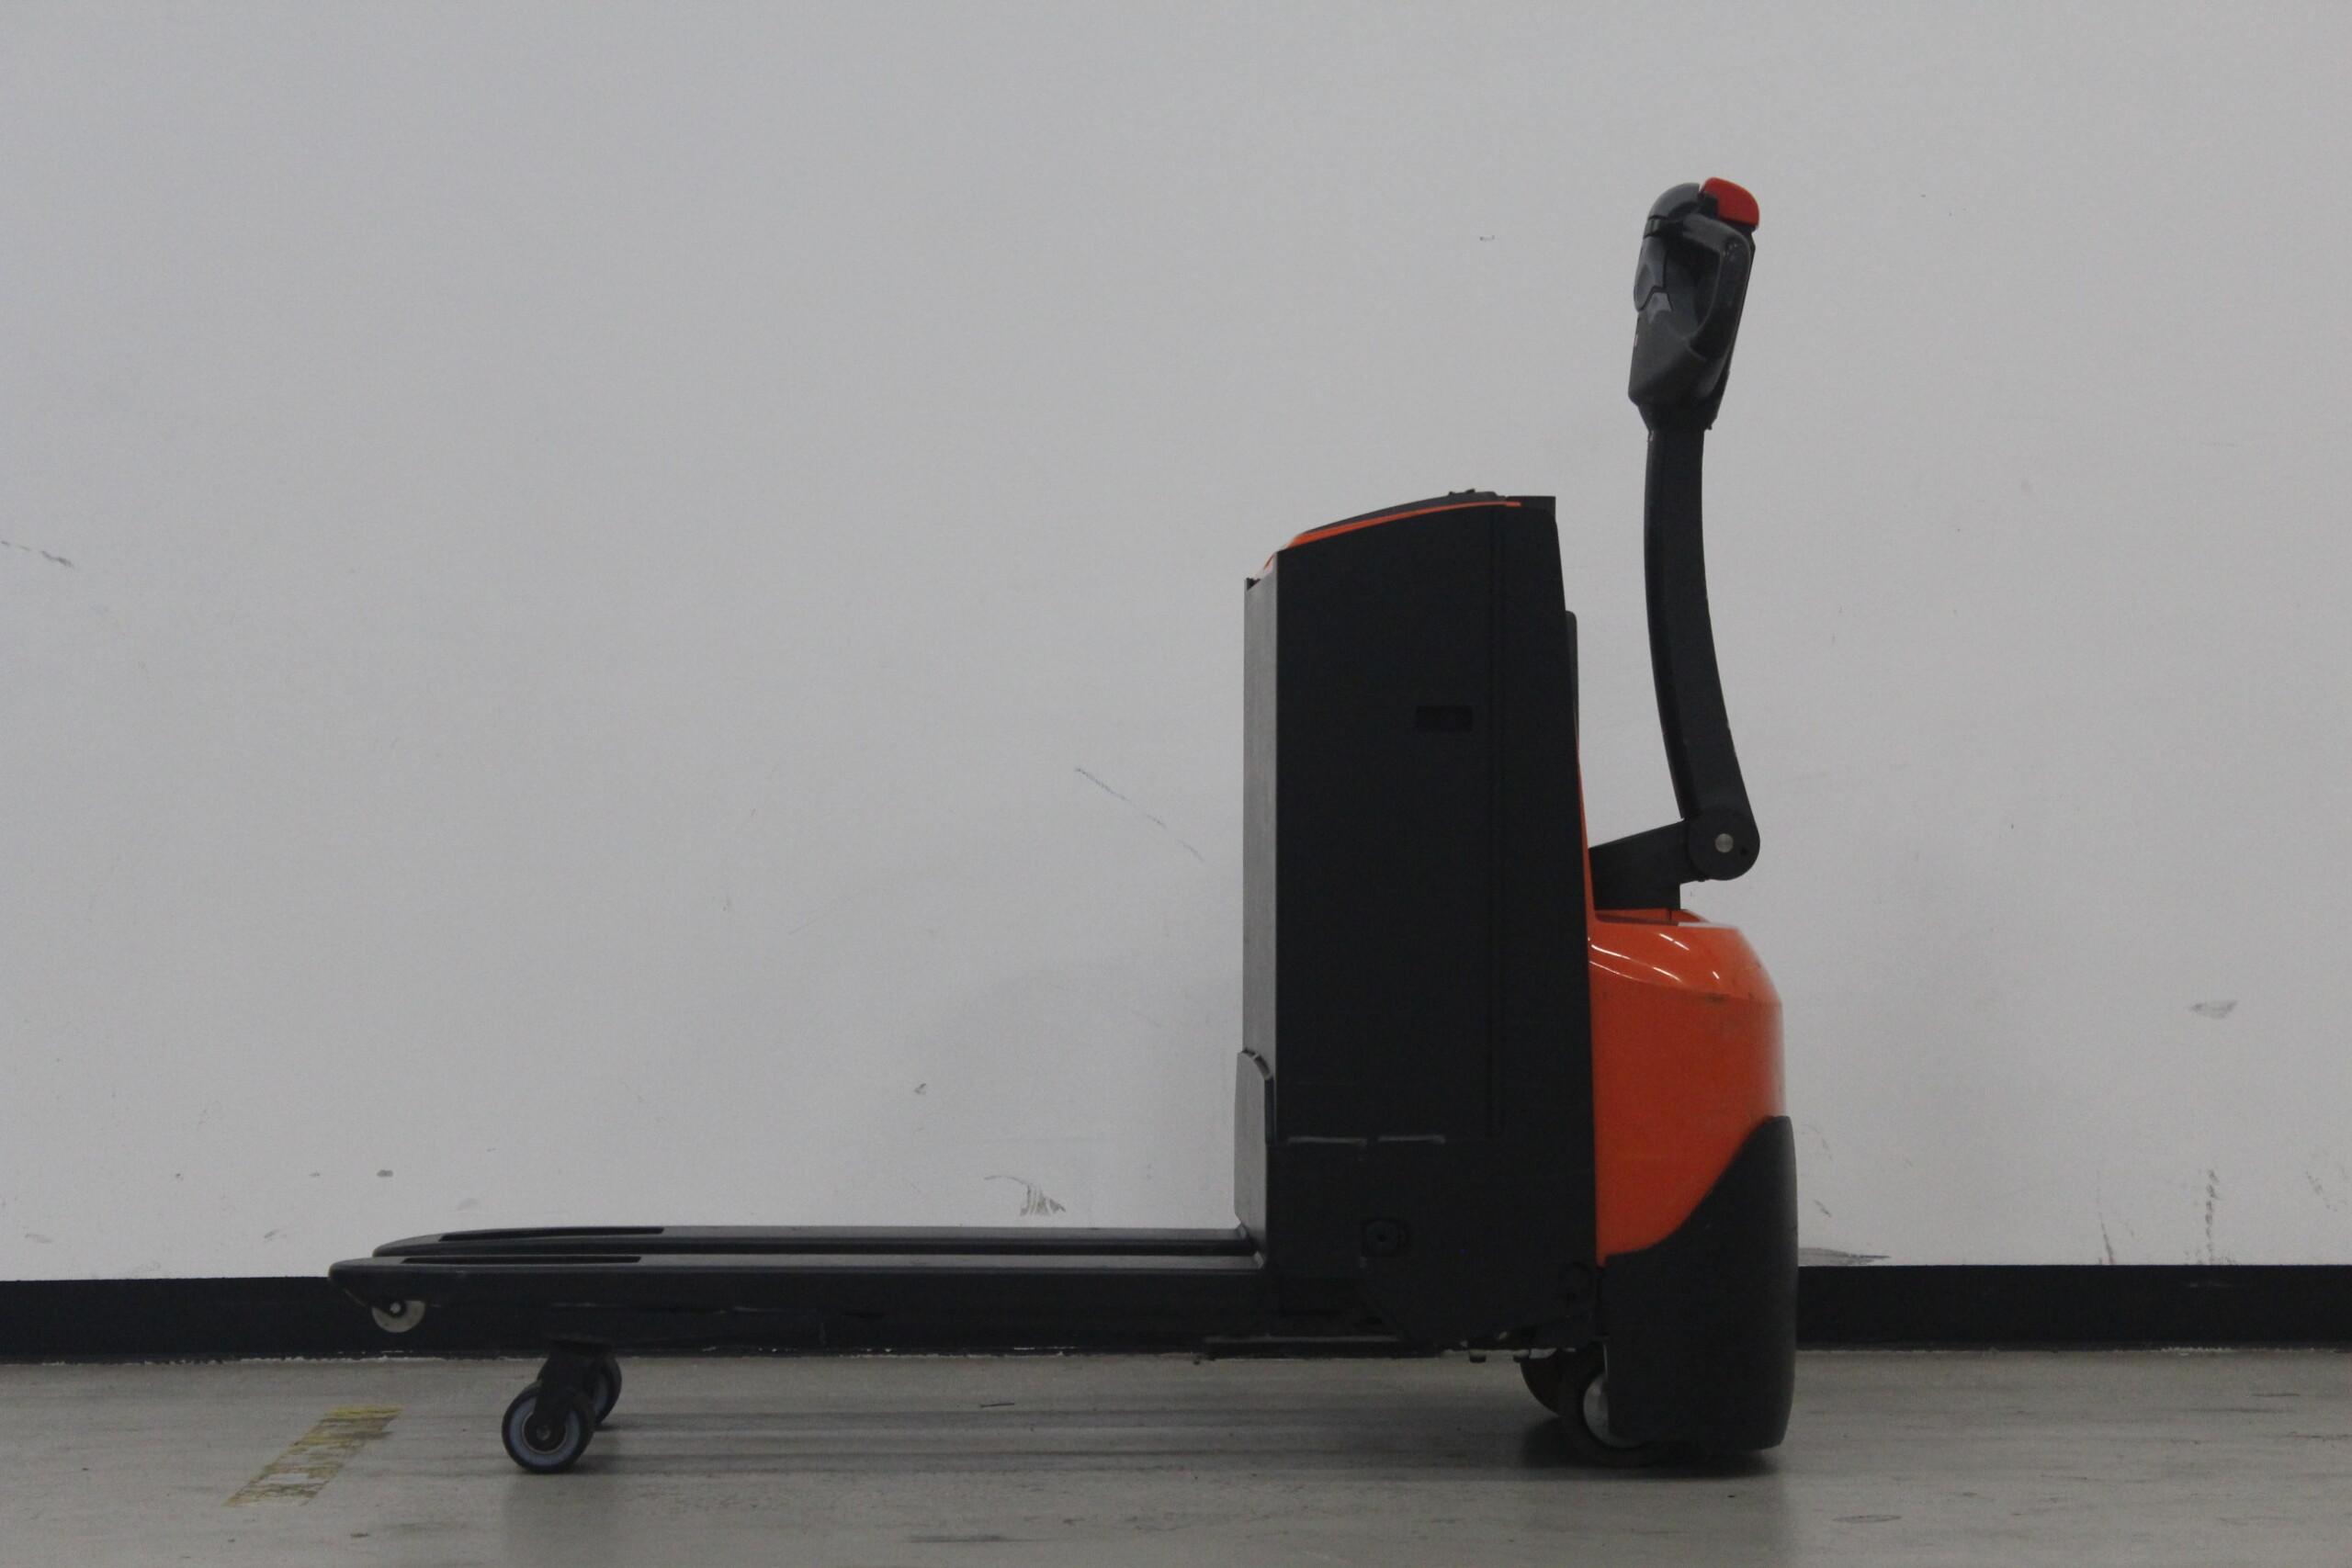 Toyota-Gabelstapler-59840 1509000388 1 8 scaled